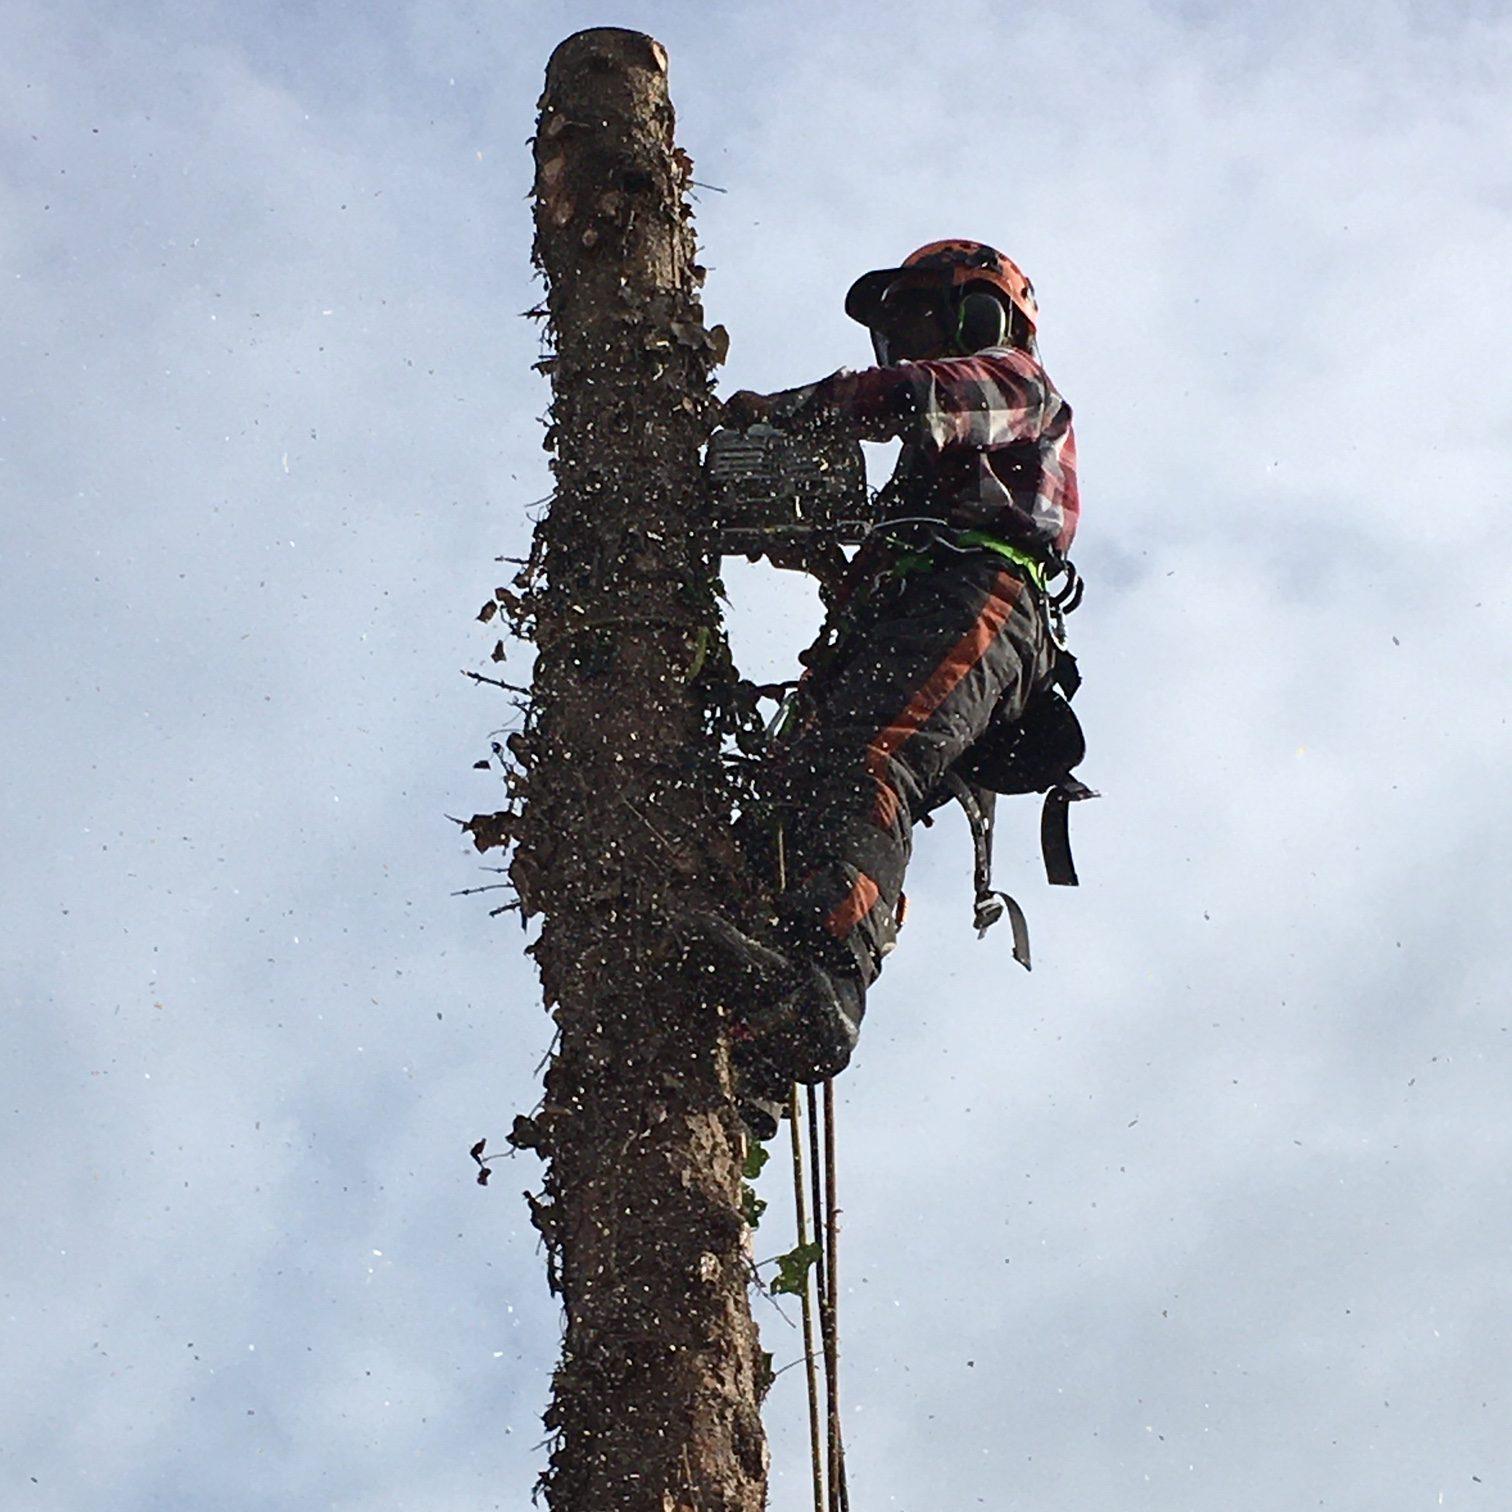 Kortenhoef boom kappen